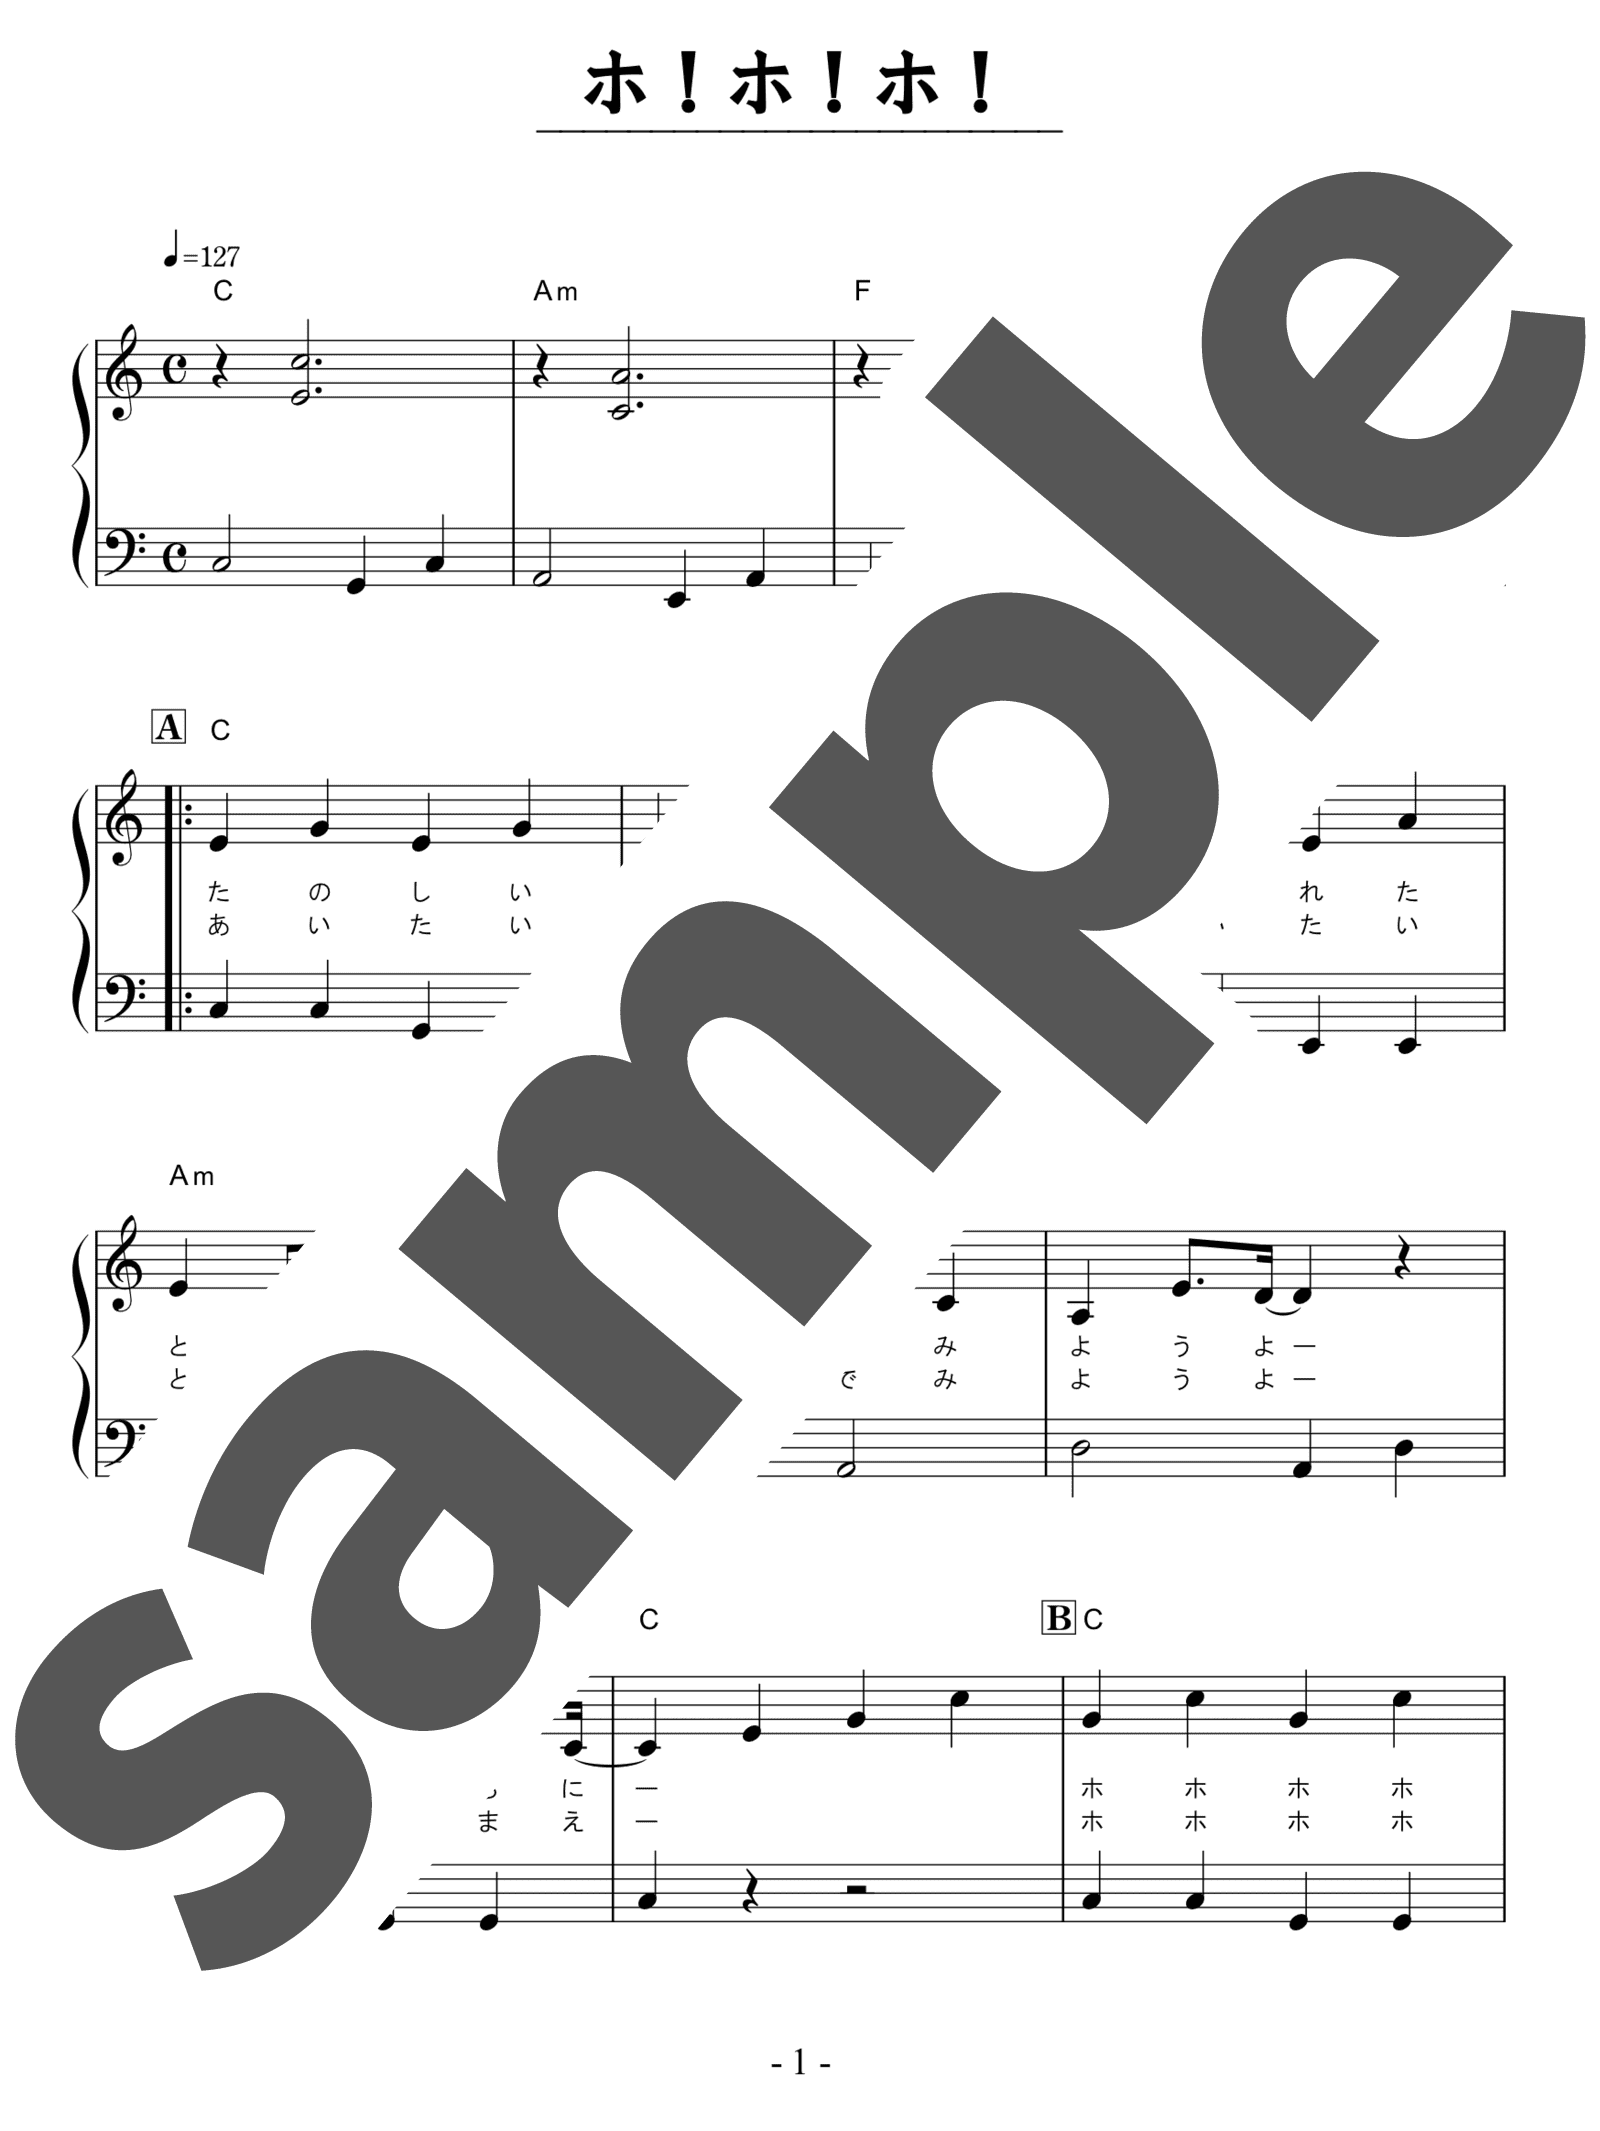 「ホ!ホ!ホ!」のサンプル楽譜